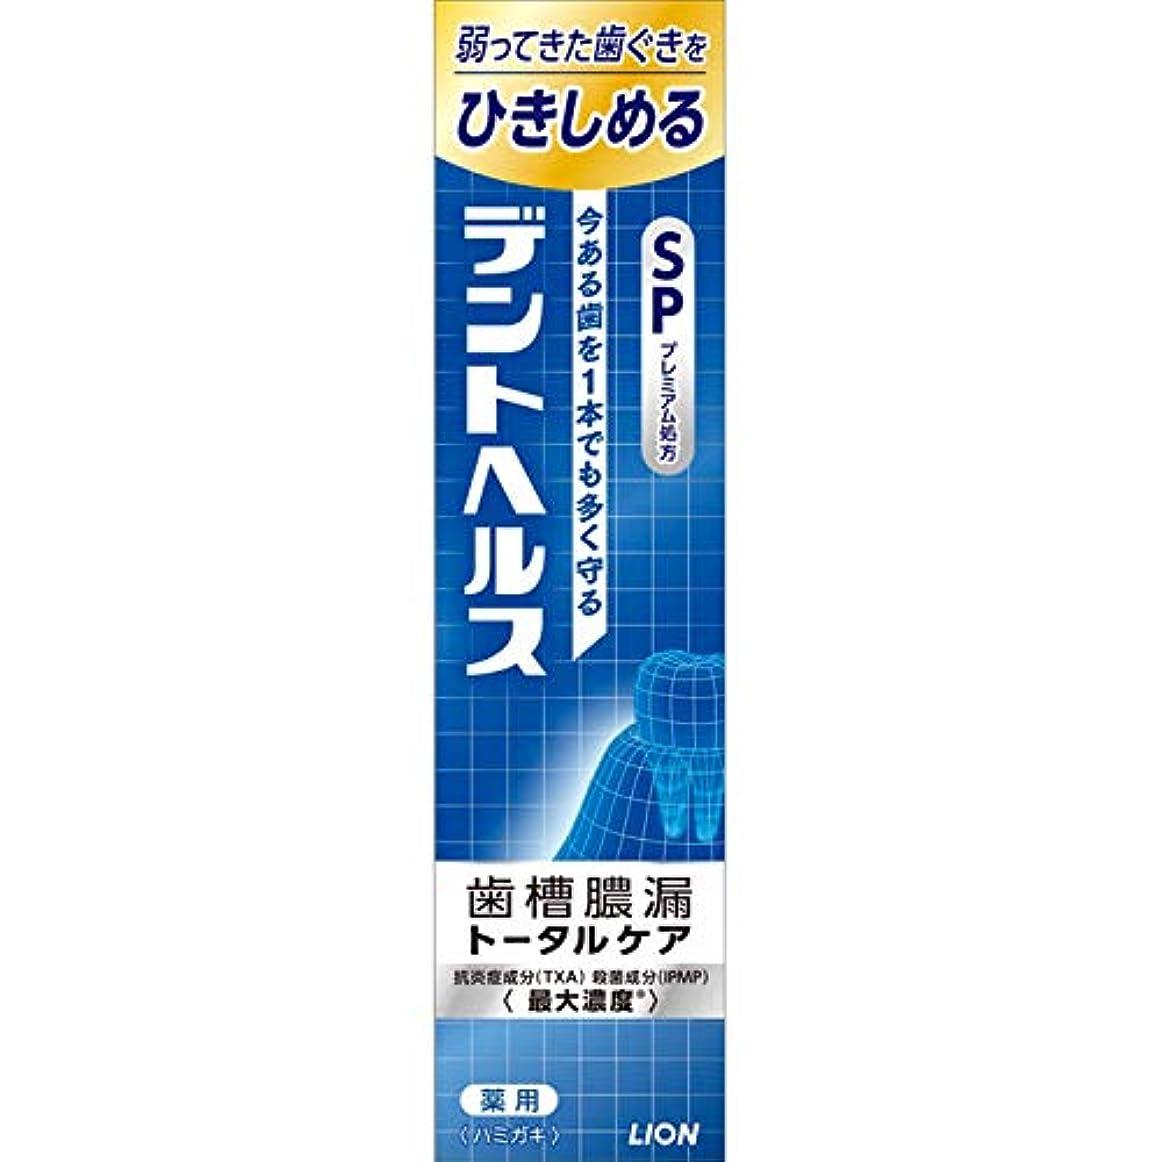 減少ディーラー推定するライオン デントヘルス 薬用ハミガキ SP 120g (医薬部外品)